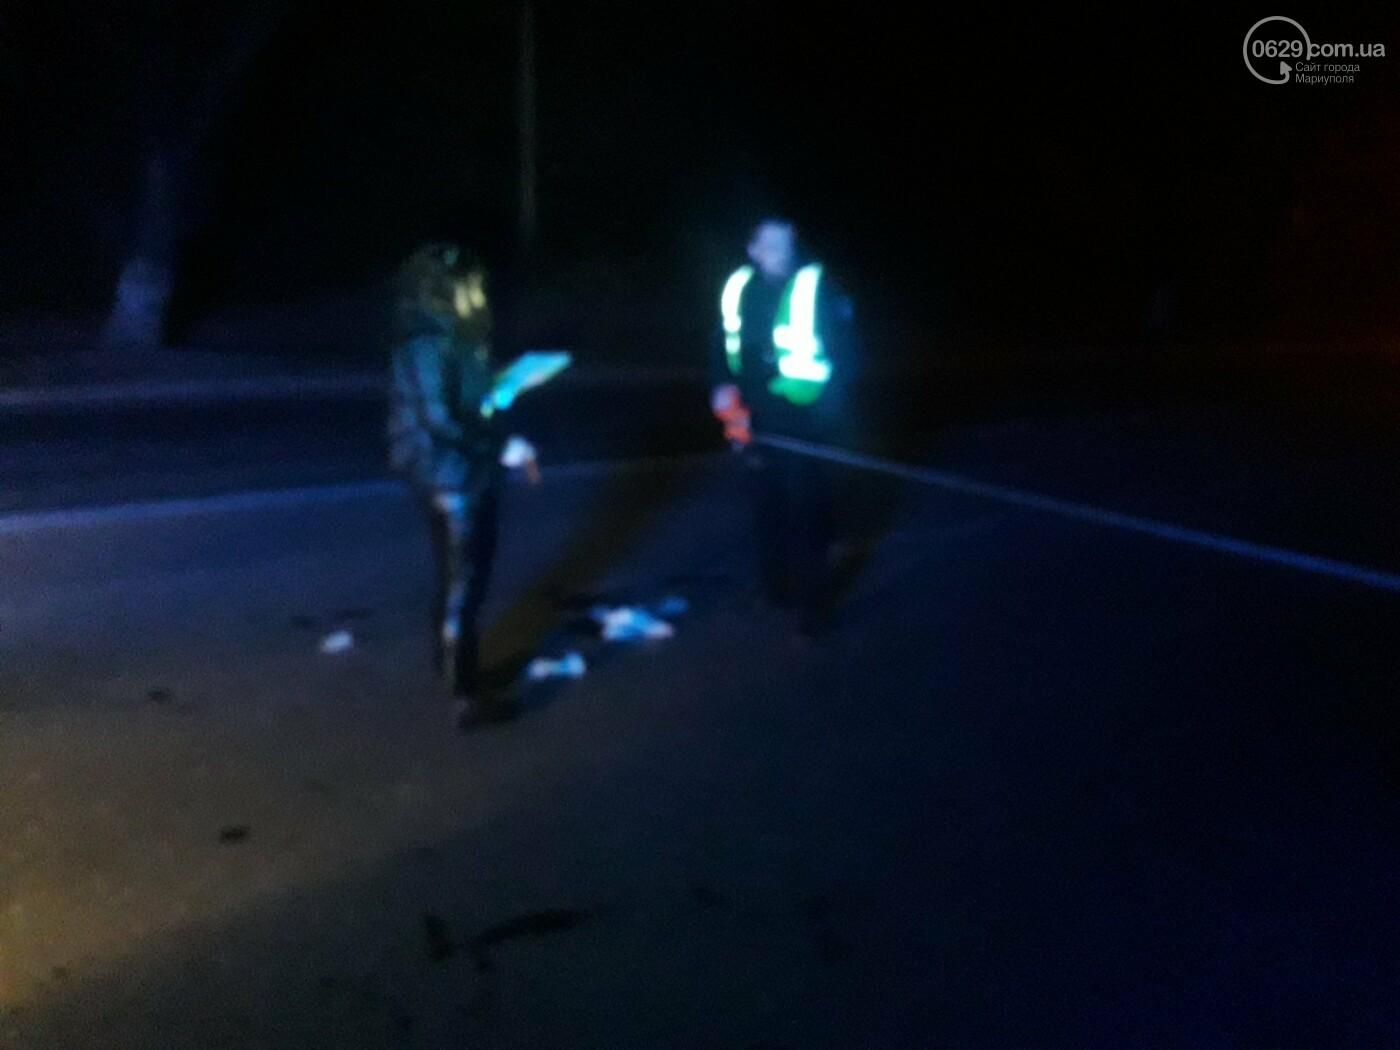 В Мариуполе водитель авто сбил женщину и скрылся с места аварии, - ФОТО, фото-5